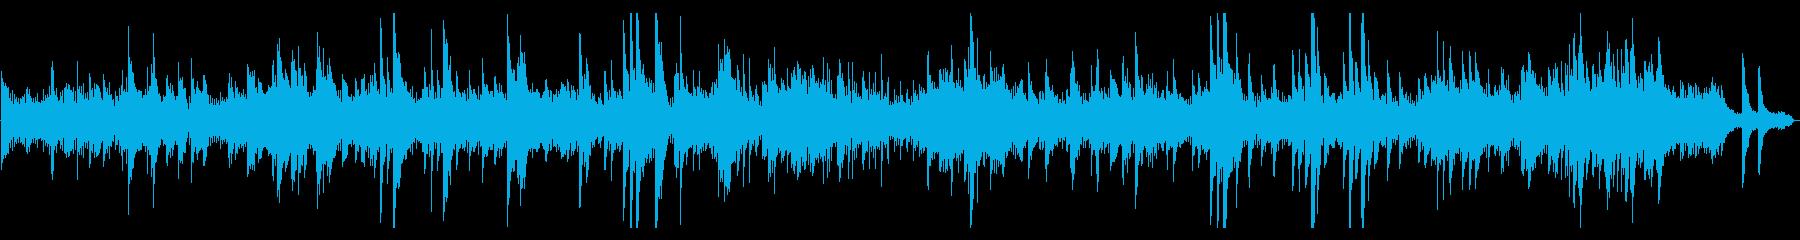 ベートーベン月光ソナタ 高音質の再生済みの波形